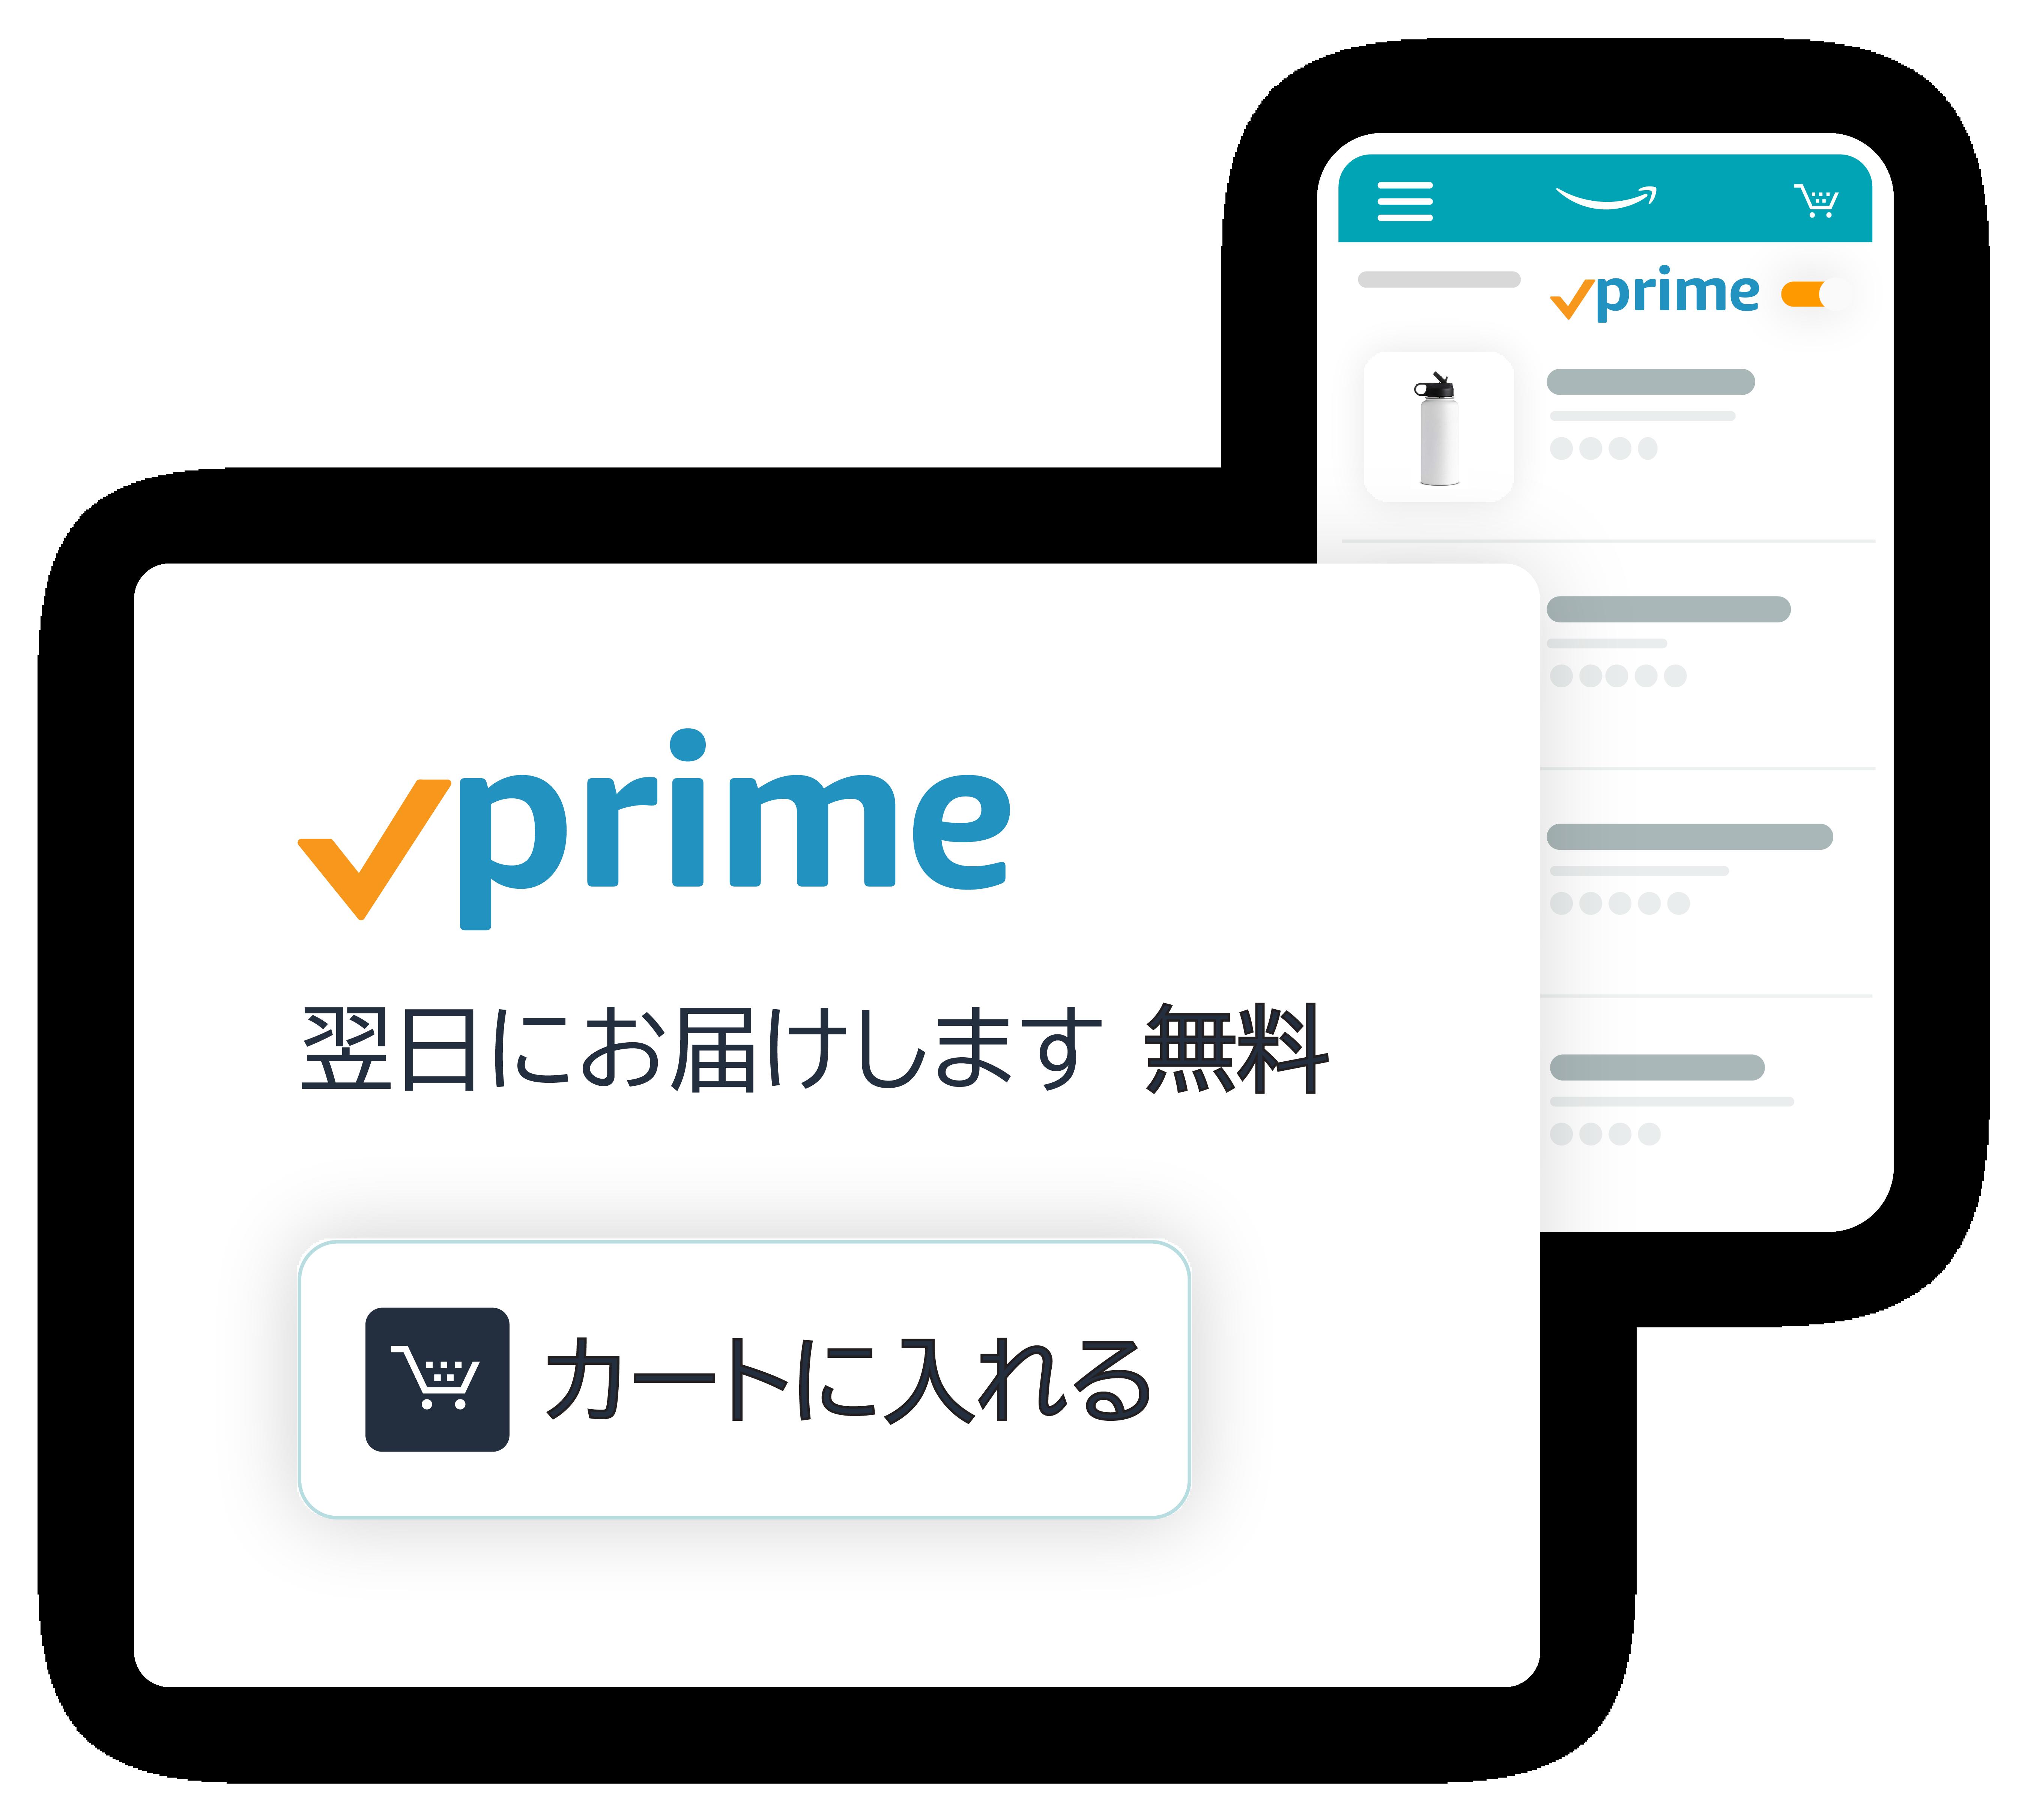 Amazonプライム配送で購入できる水筒、「カートに入れる」ボタン付きプライム配送バッジ